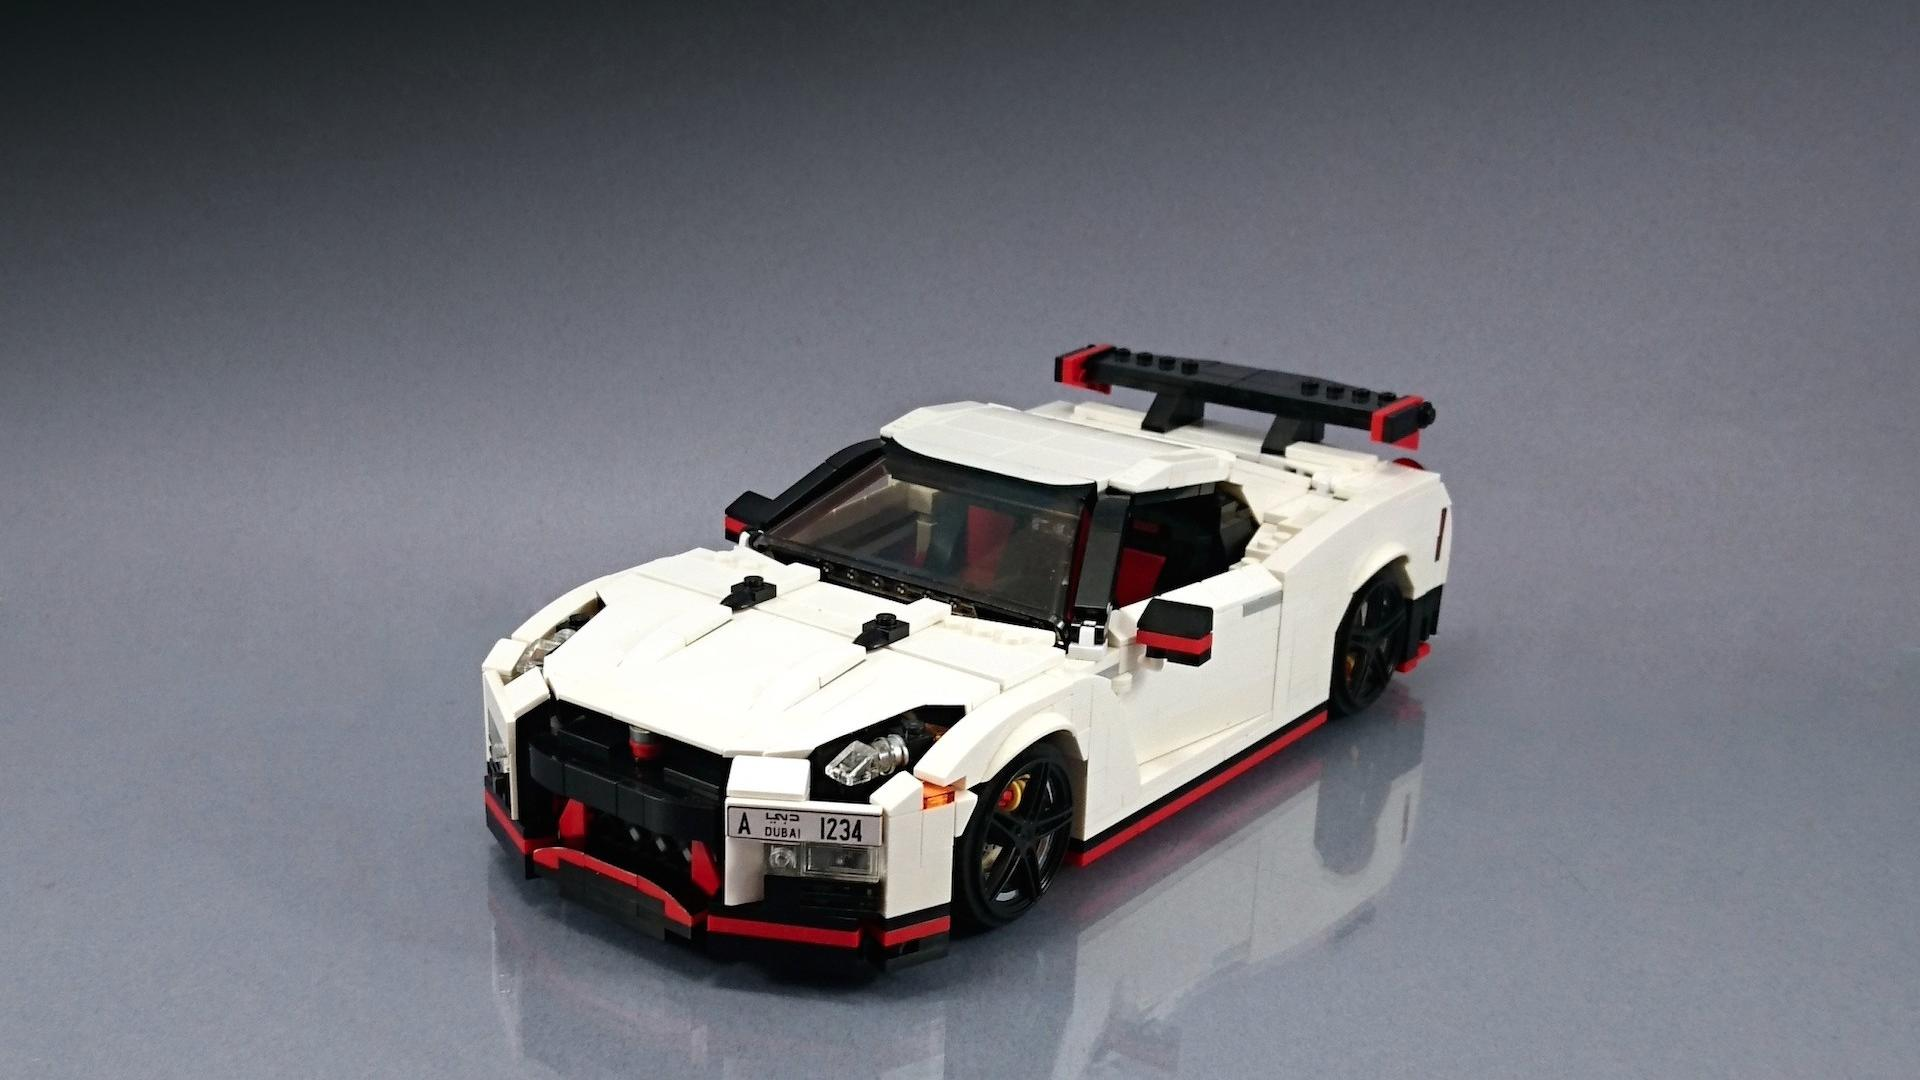 Lego_Nissan_GT-R_Nismo_01